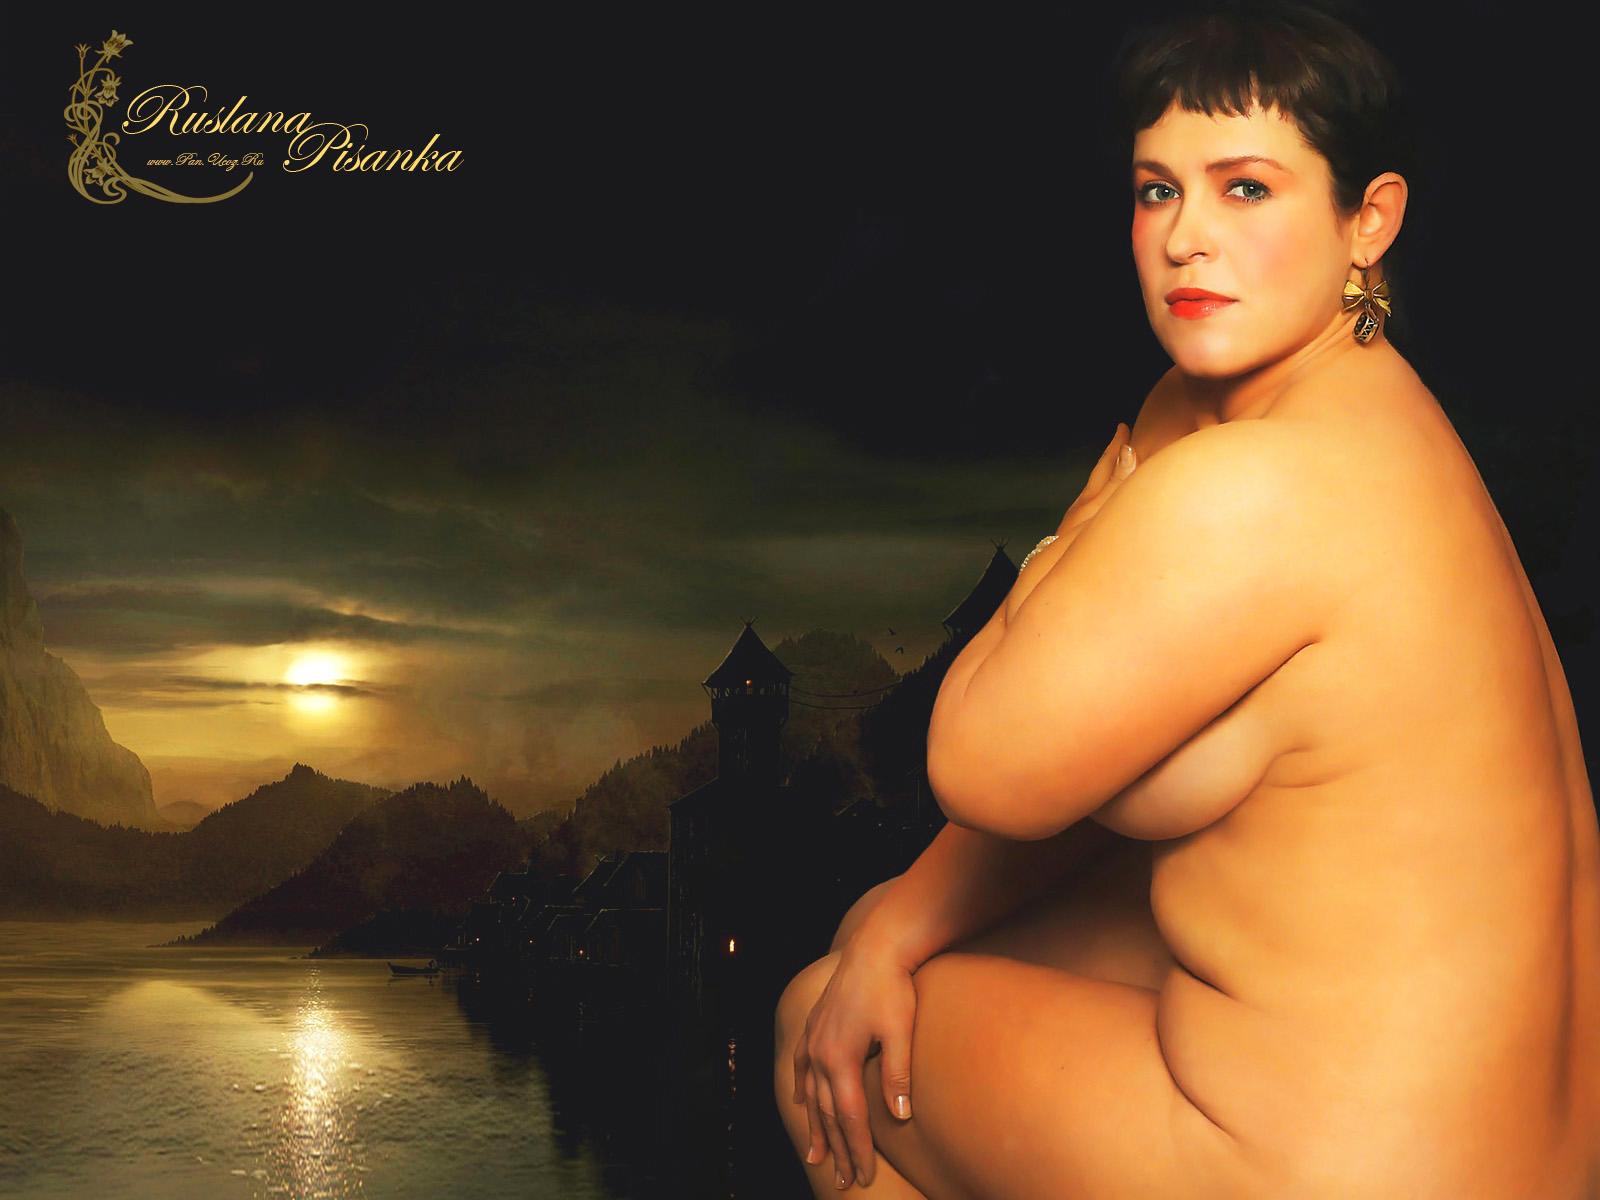 Руслана писанка в порно 5 фотография